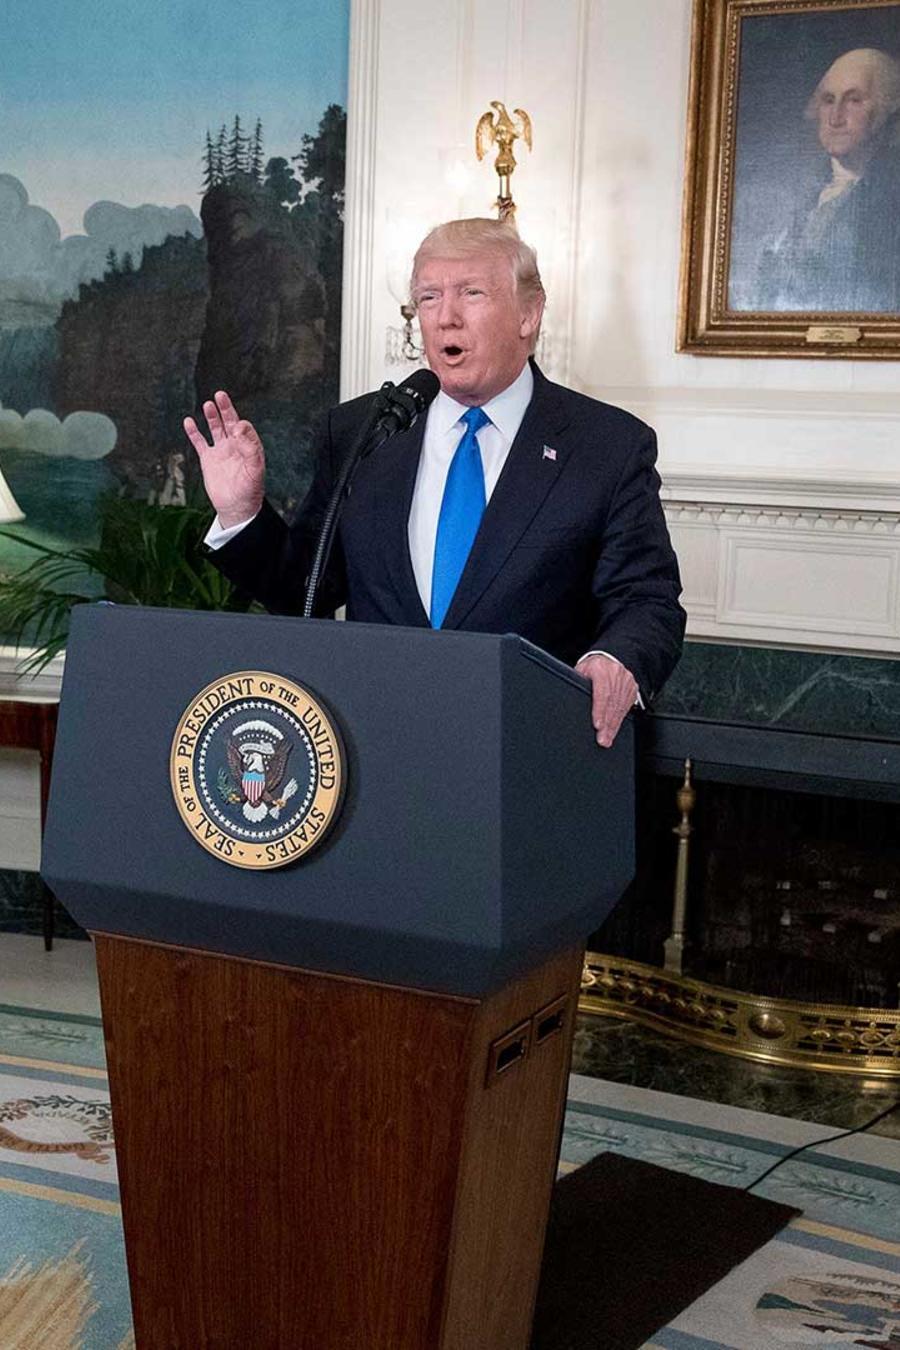 El presidente Trump se dirige a la prensa en la Casa Blanca después del tiroteo en Virginia que dejó cuatro heridos entre ellos un congresista republicano